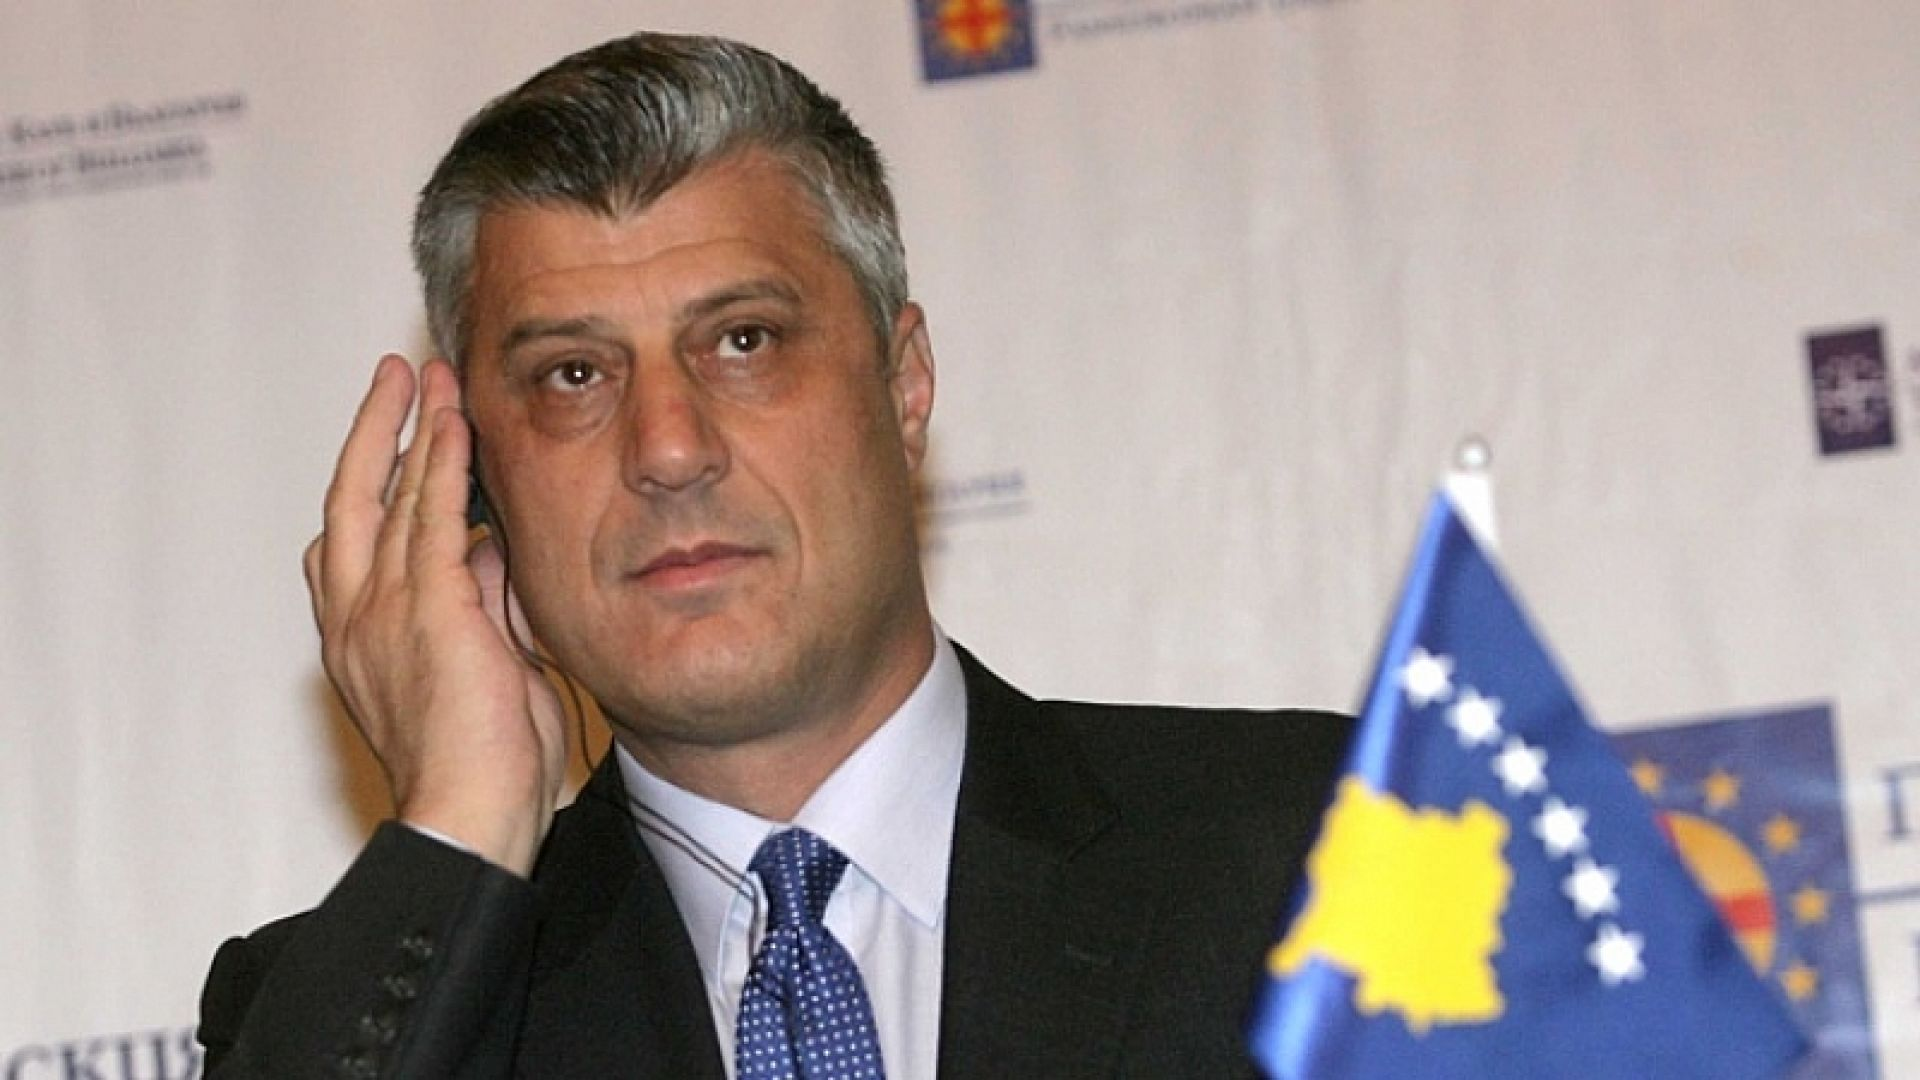 Прекрояване на Европа - Тачи готов да жертва земя, за да има договор с Белград